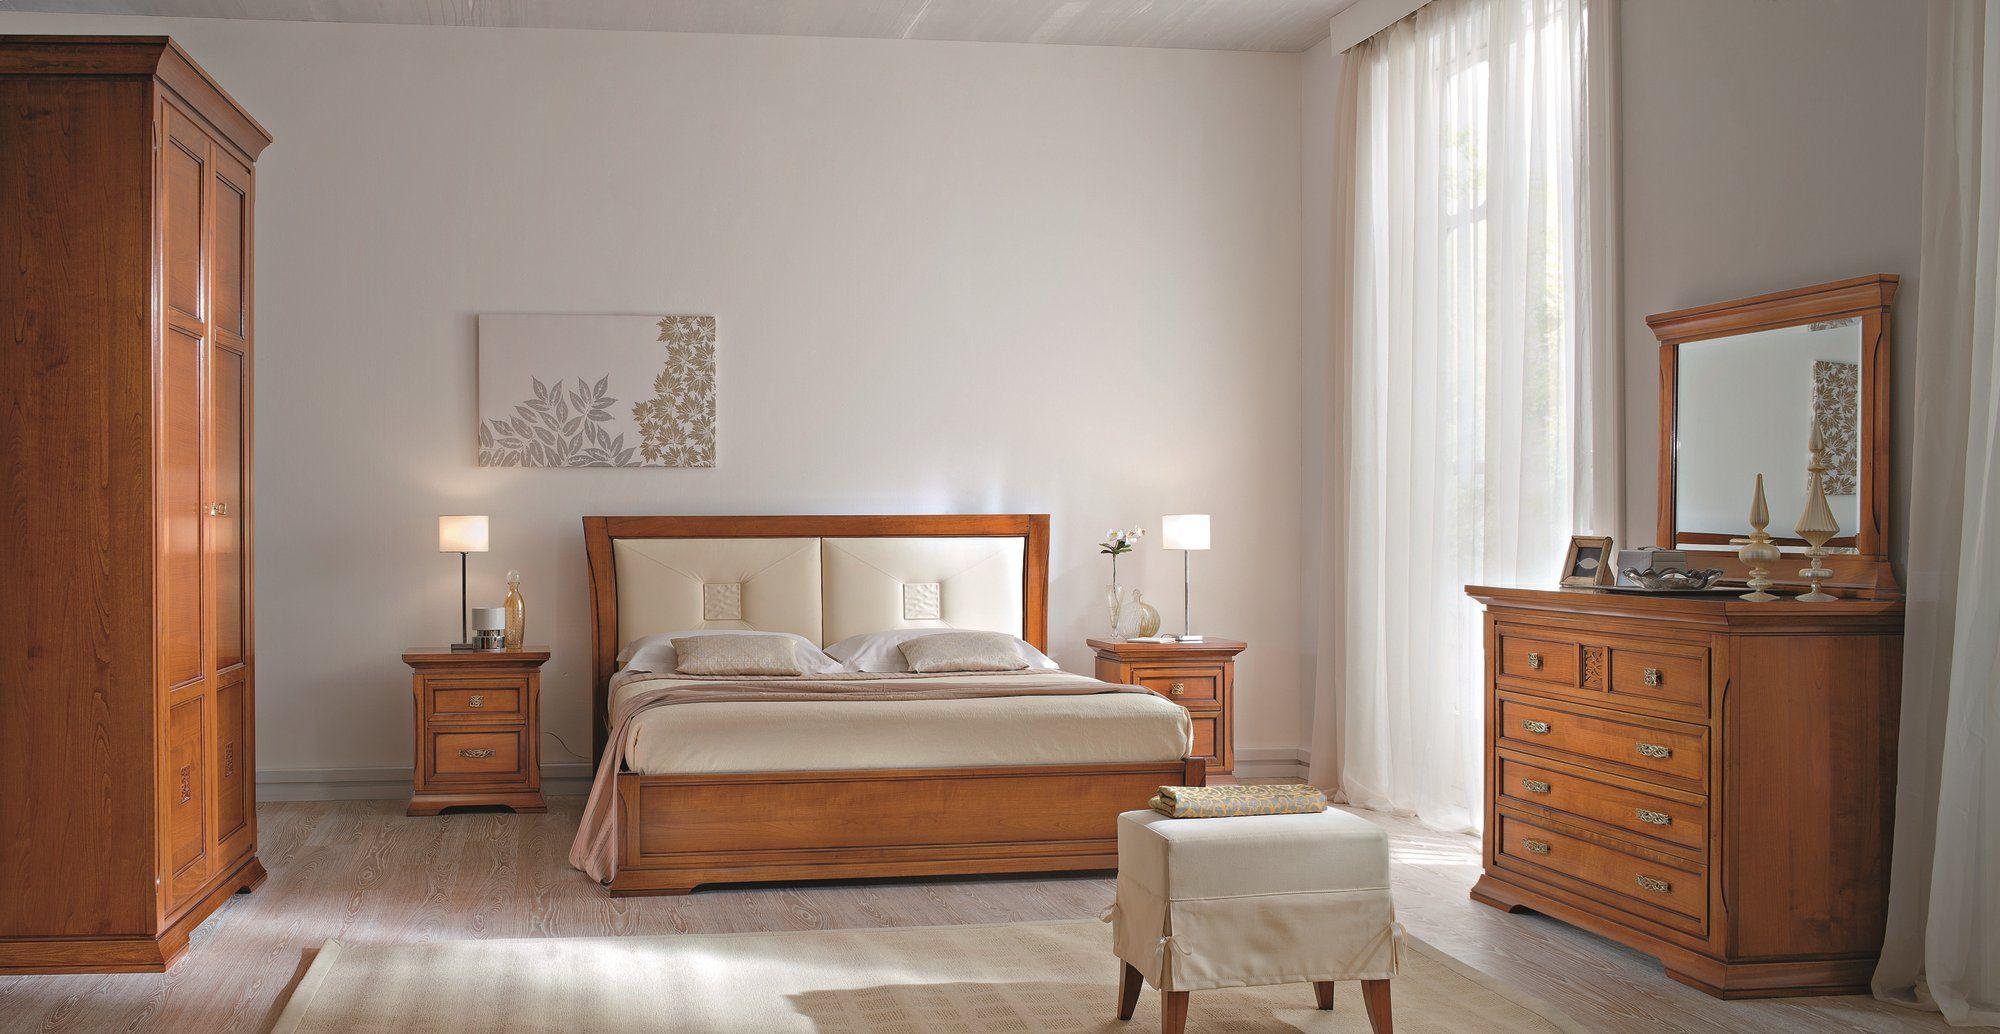 Bohemia letto con testiera imbottita by dall agnese design - Camera da letto in ciliegio ...